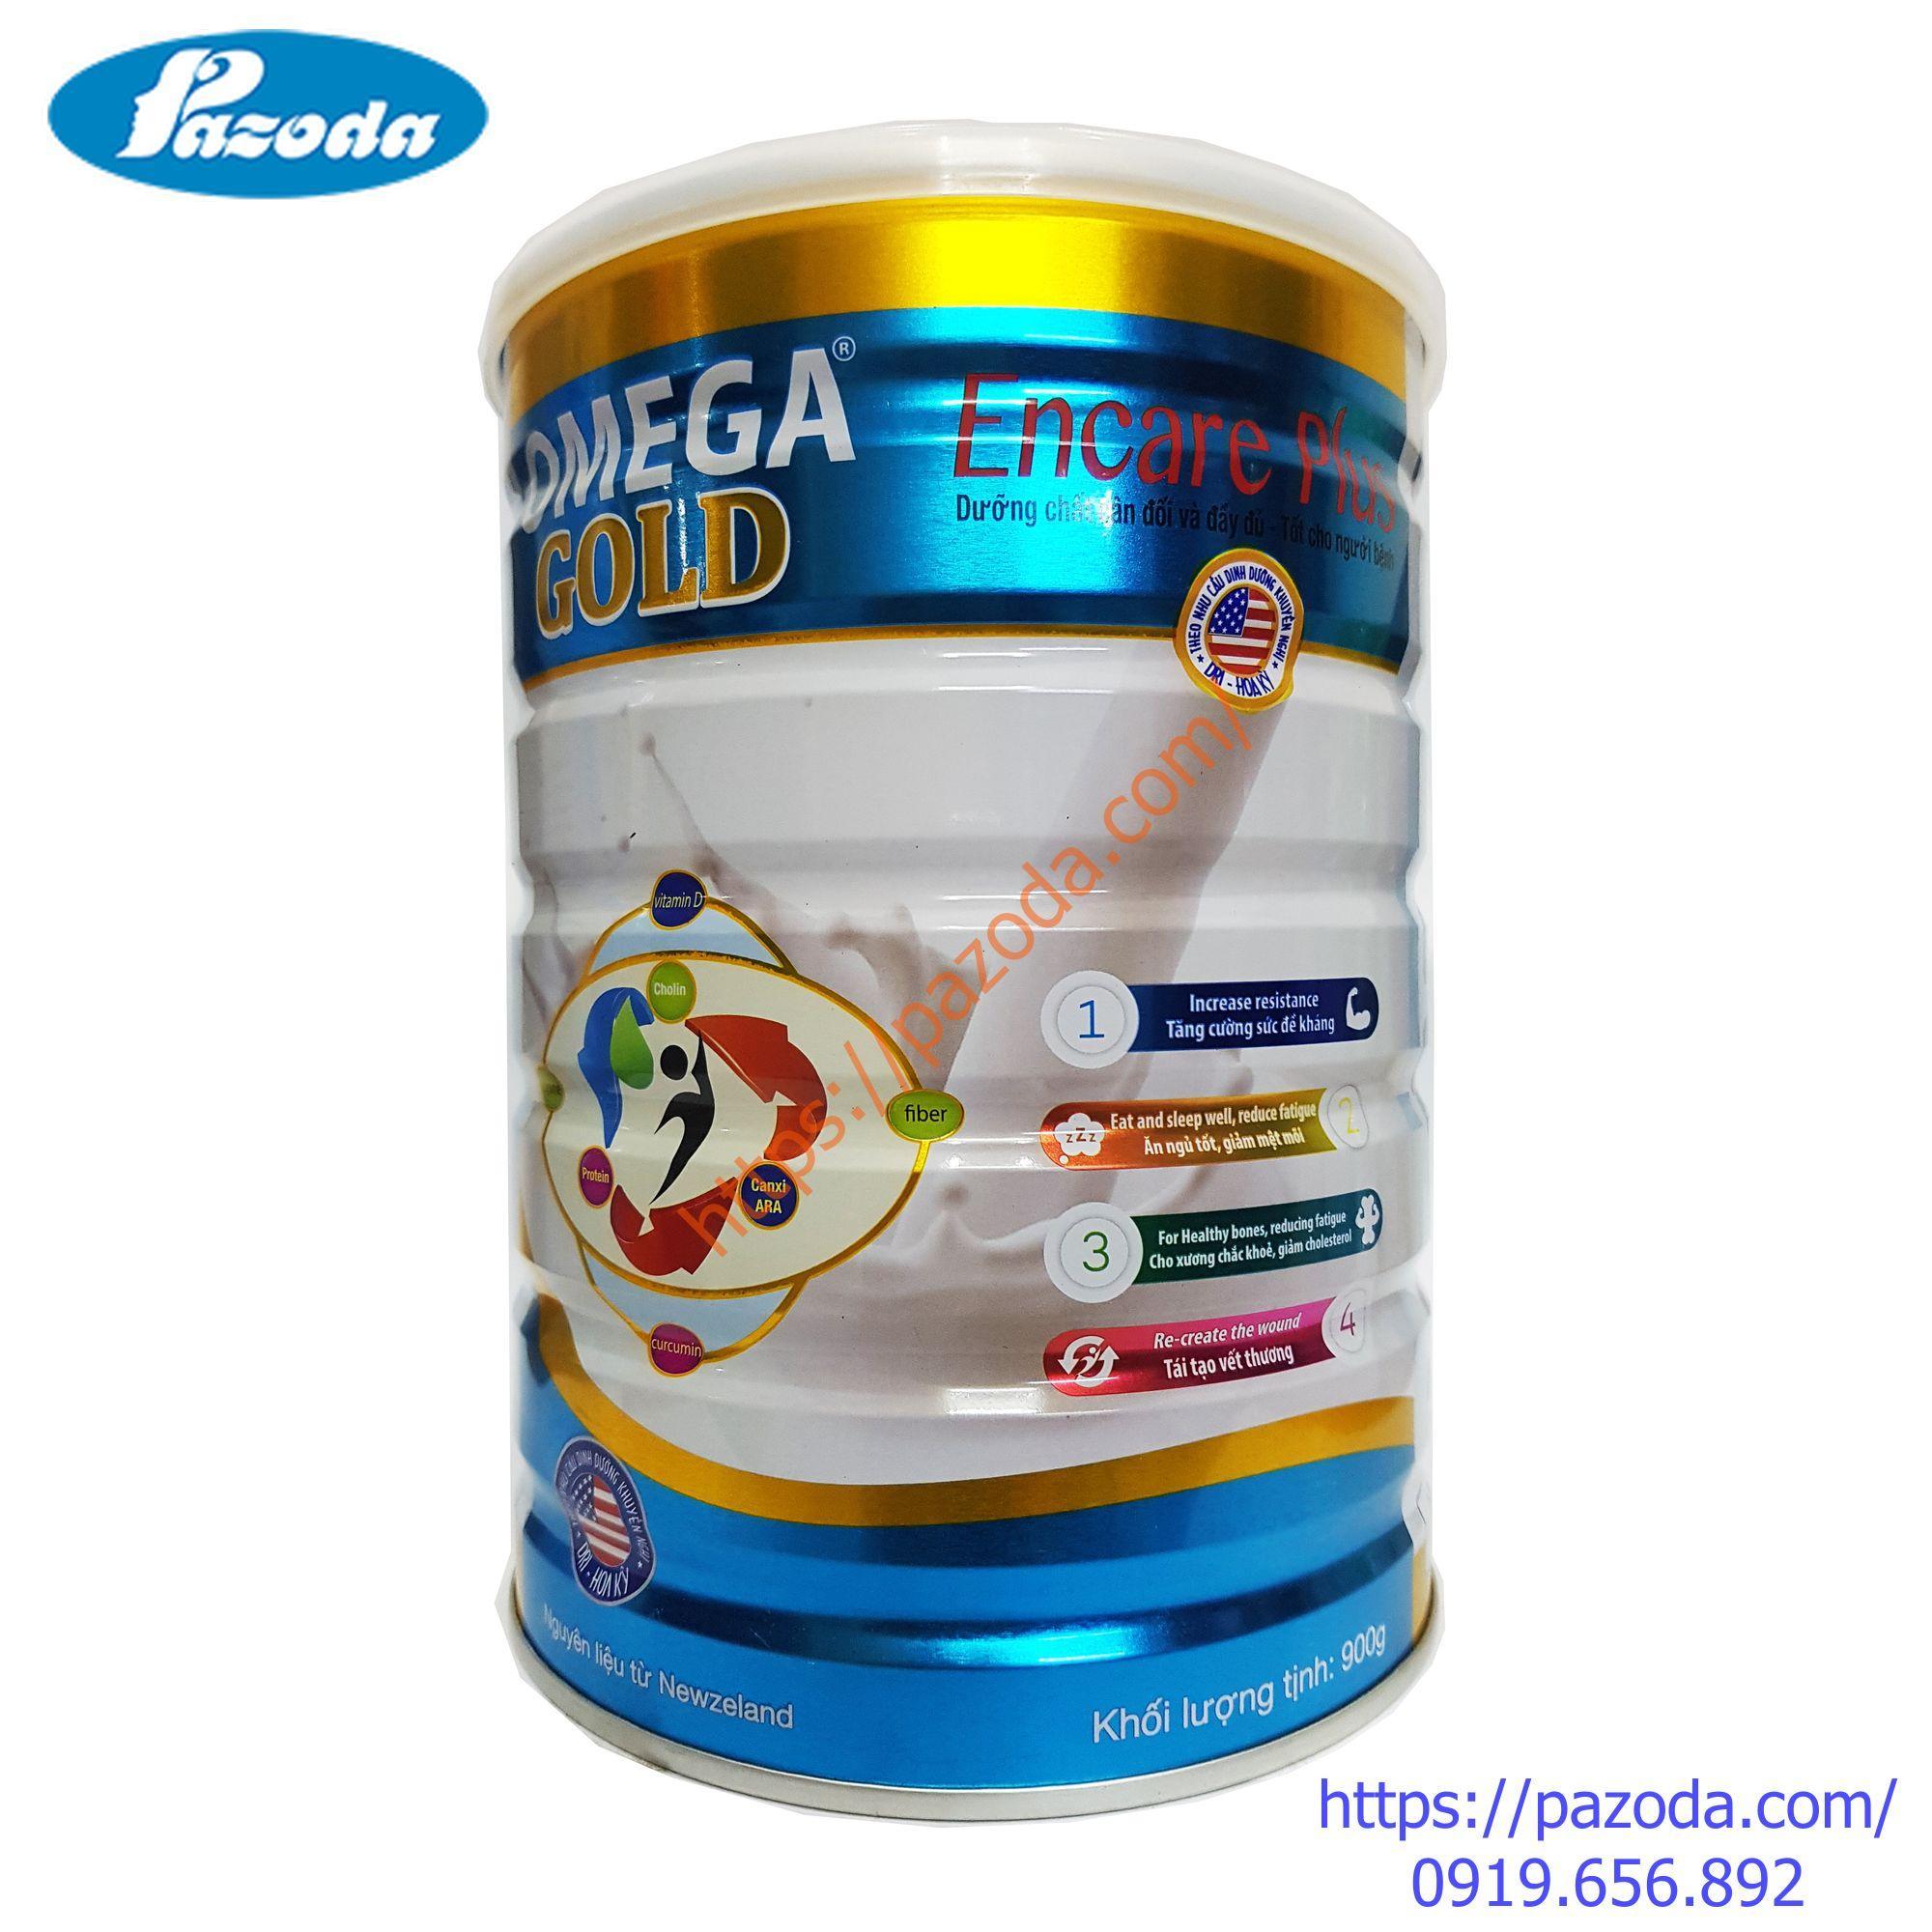 Sữa bột OMEGA GOLD Encare Plus 900g cho người bệnh cần phục hồi